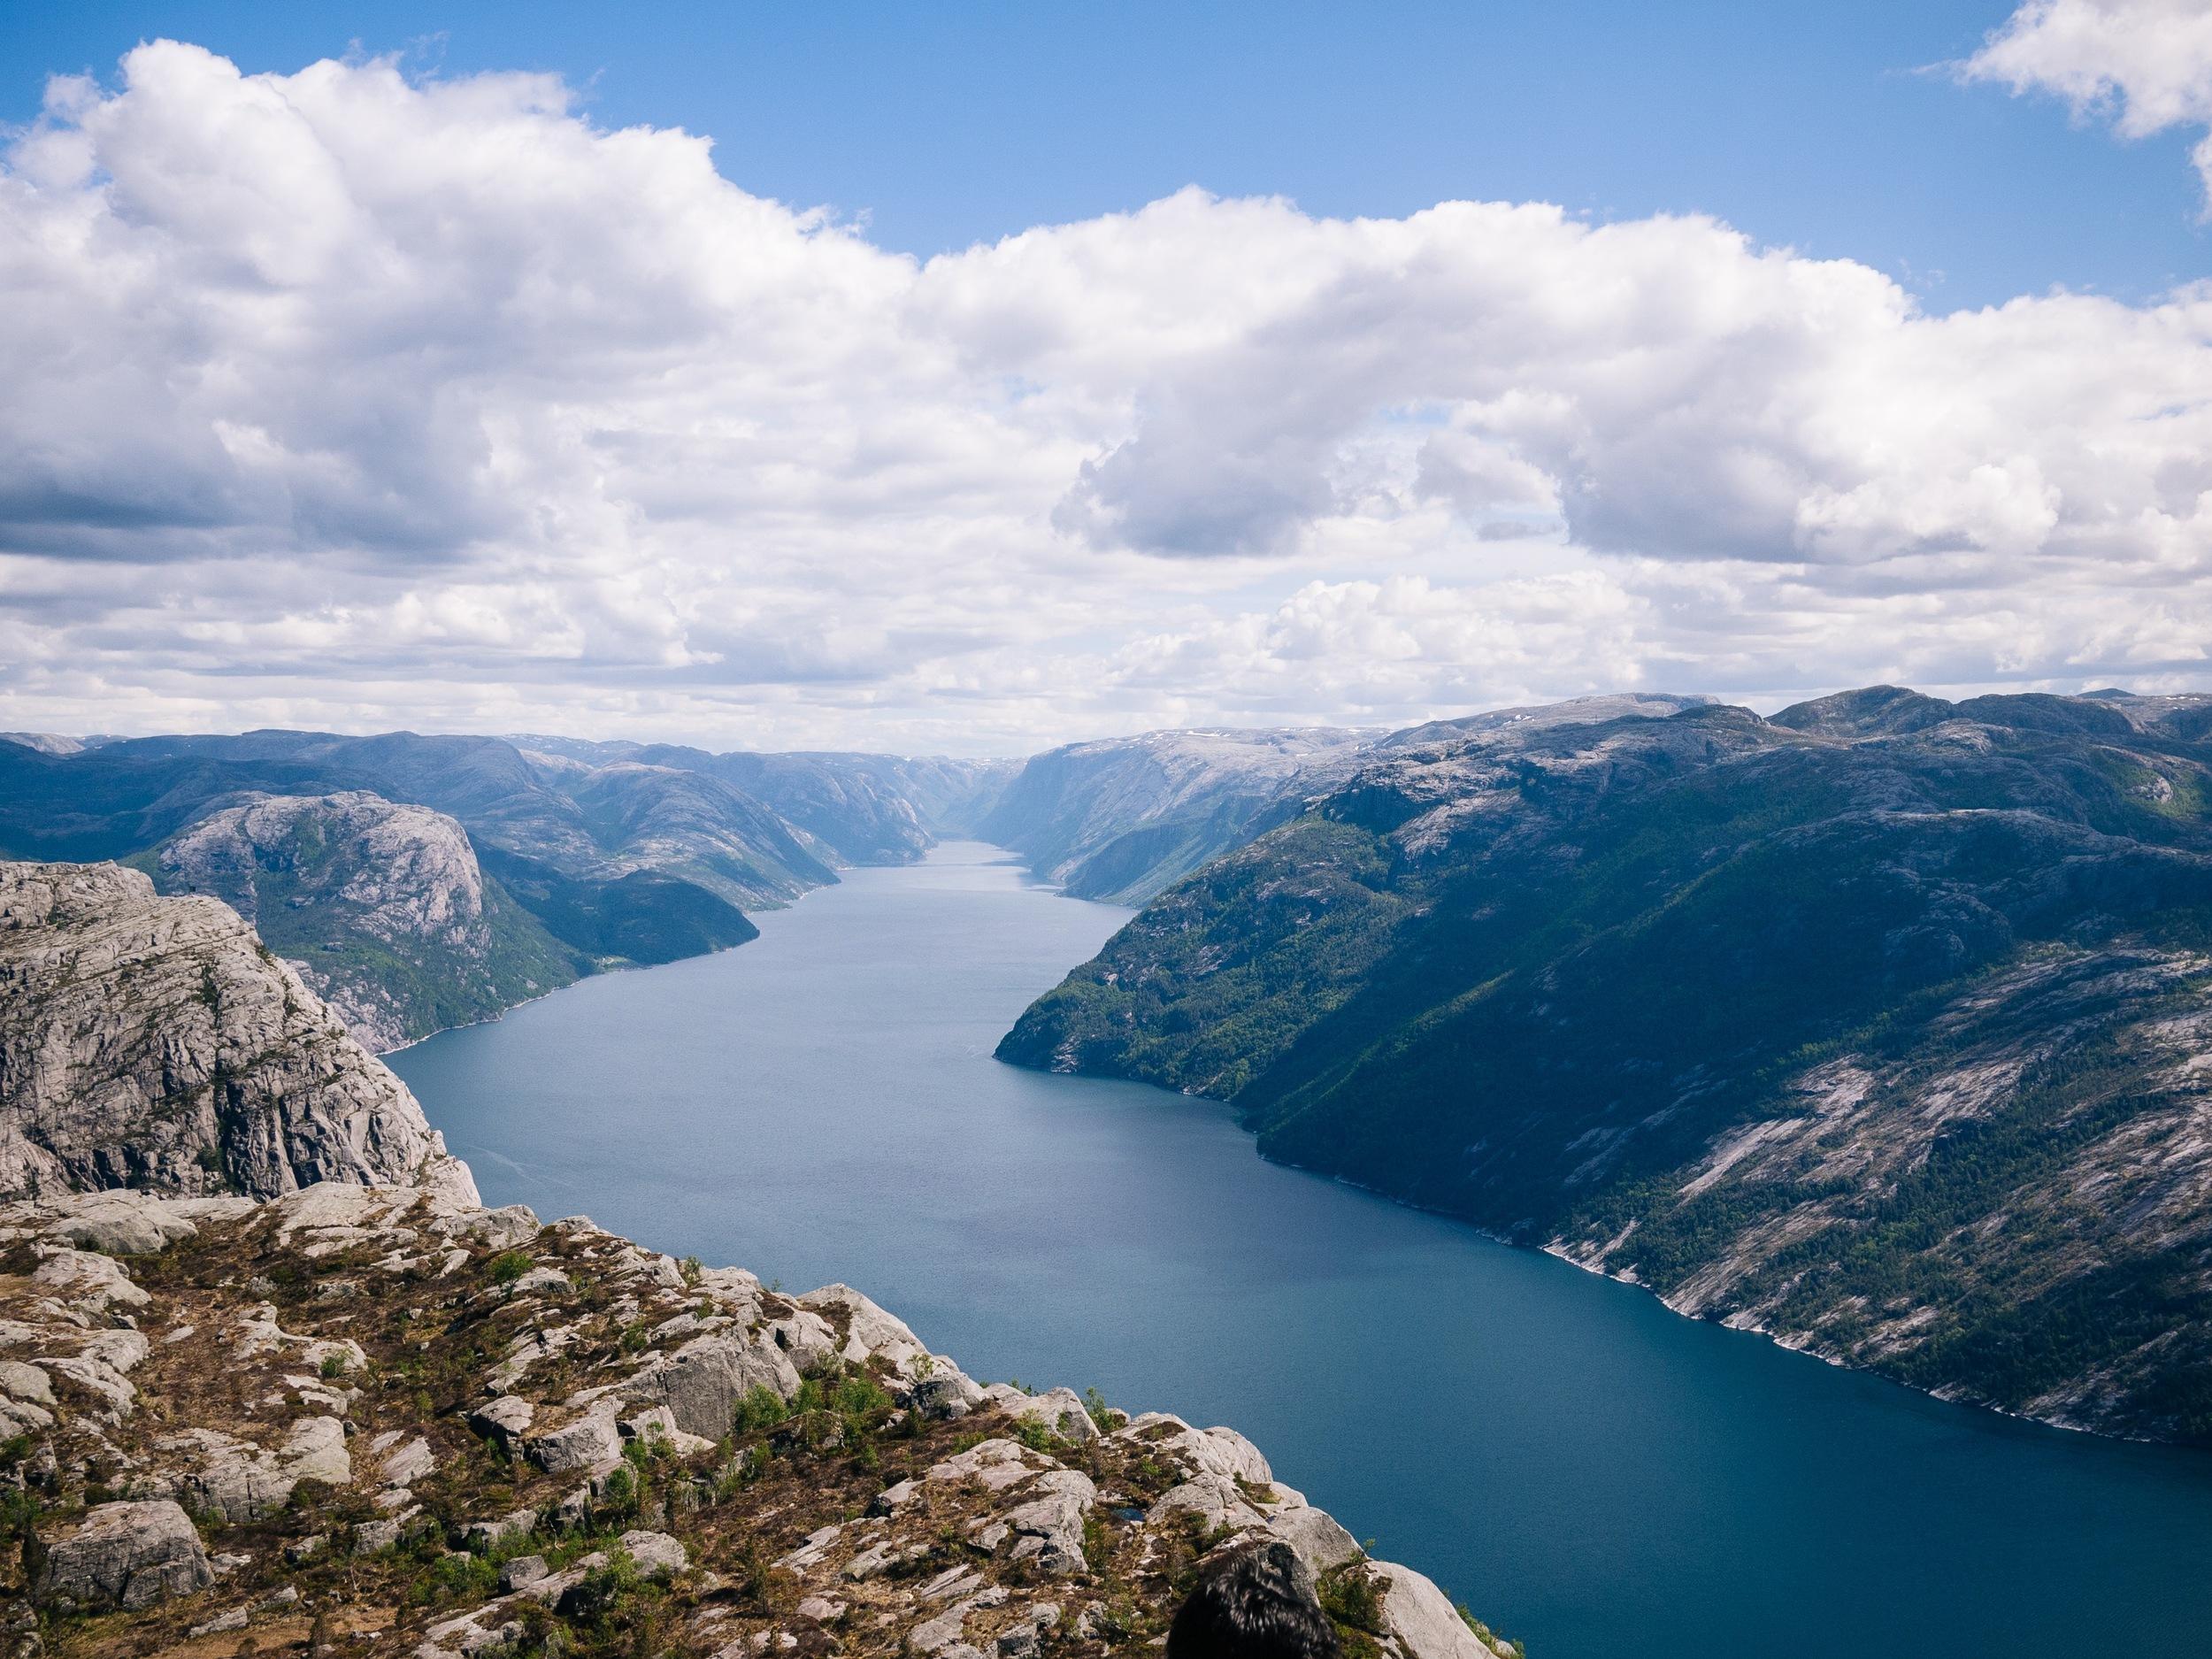 fjord.jpeg